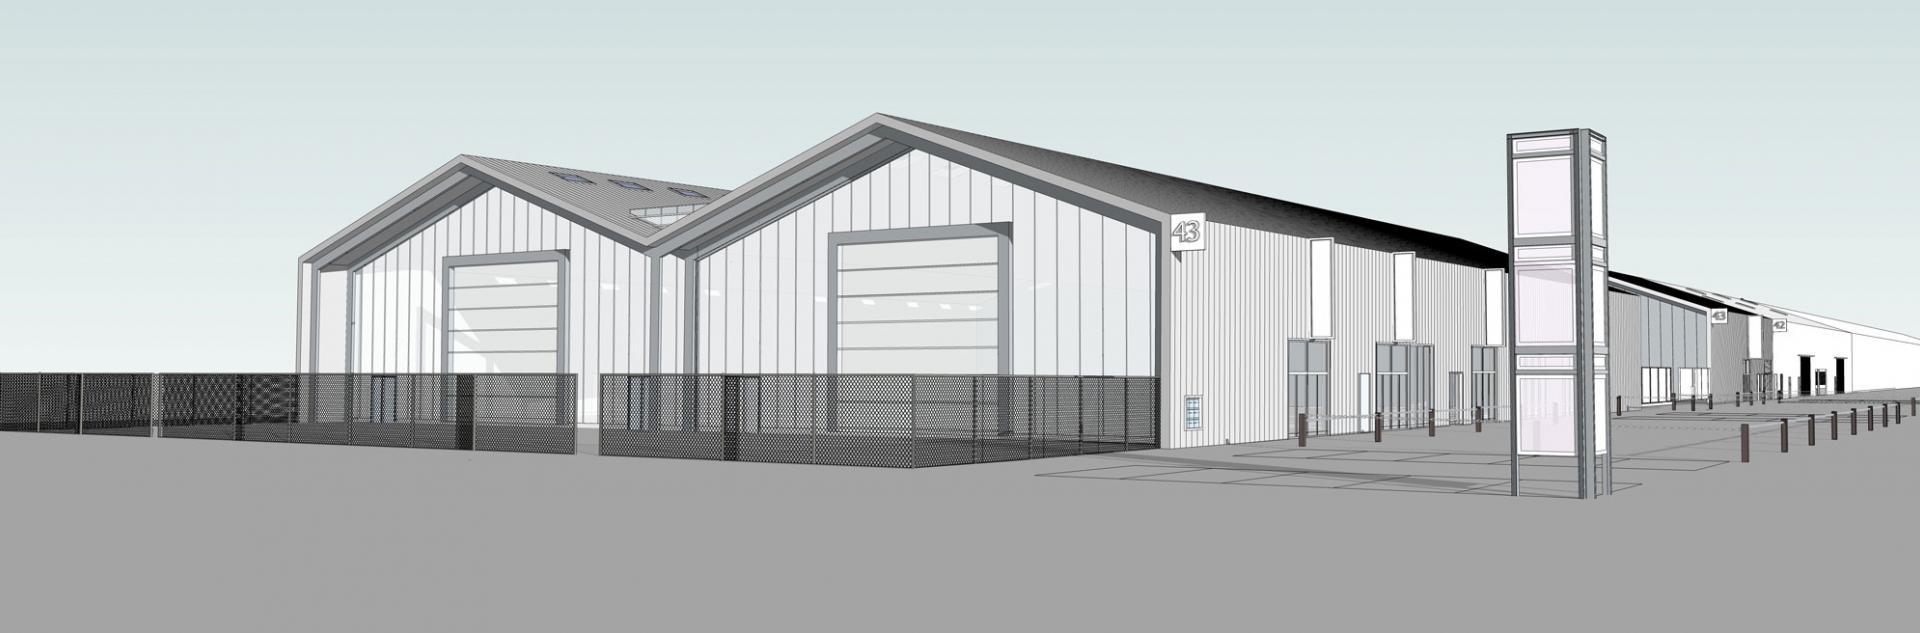 Projet hangars 42 et 43, Parc d'activités nautisme